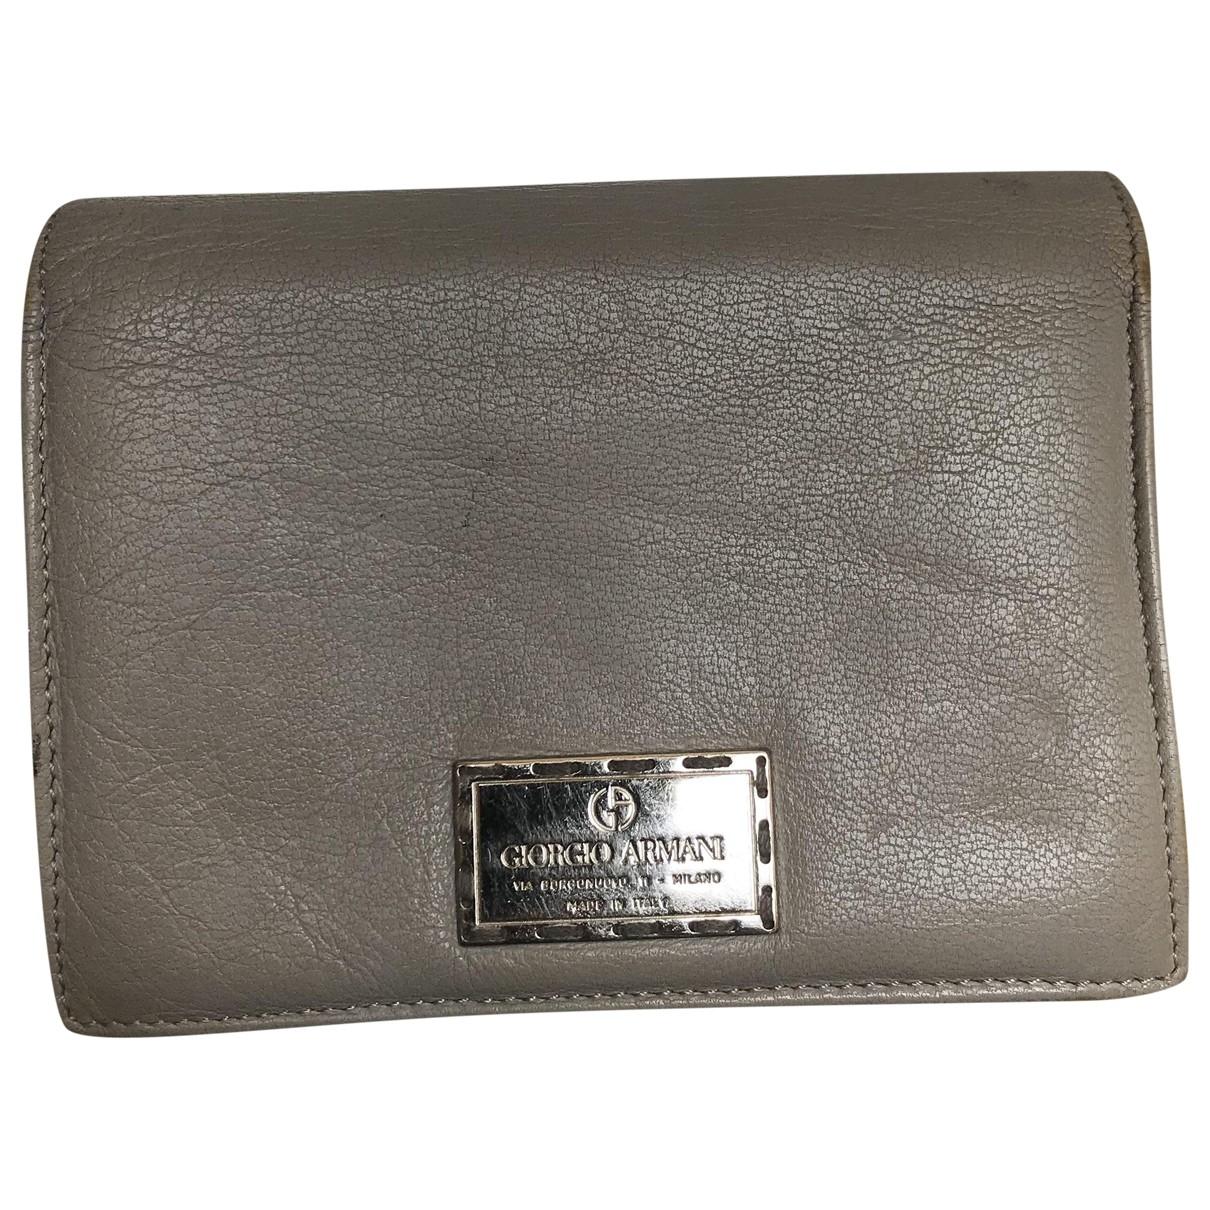 Giorgio Armani - Portefeuille   pour femme en cuir - gris